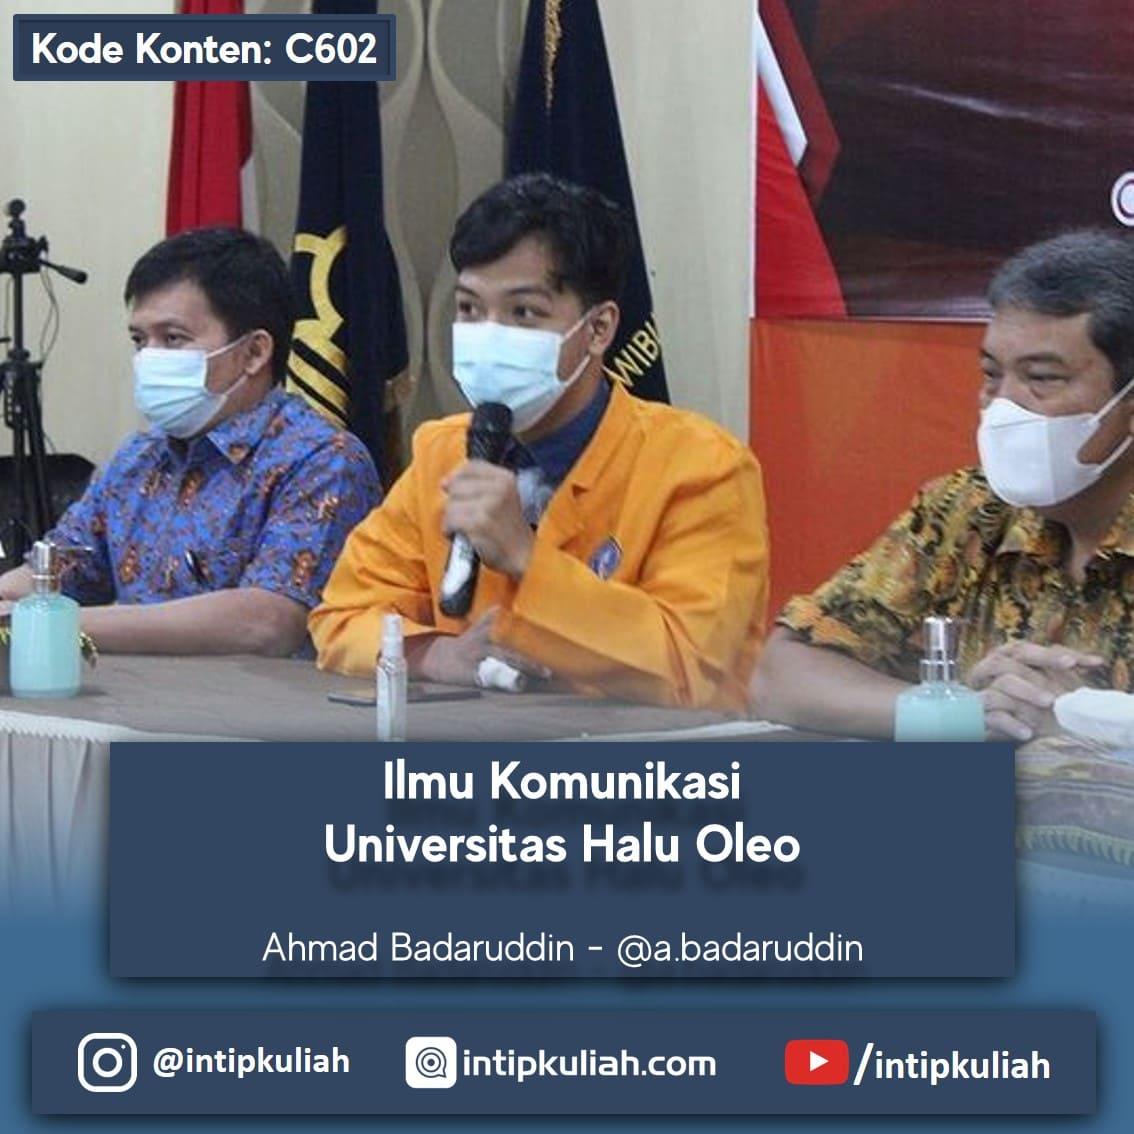 Ilmu Komunikasi Universitas Halu Oleo (Ahmad)